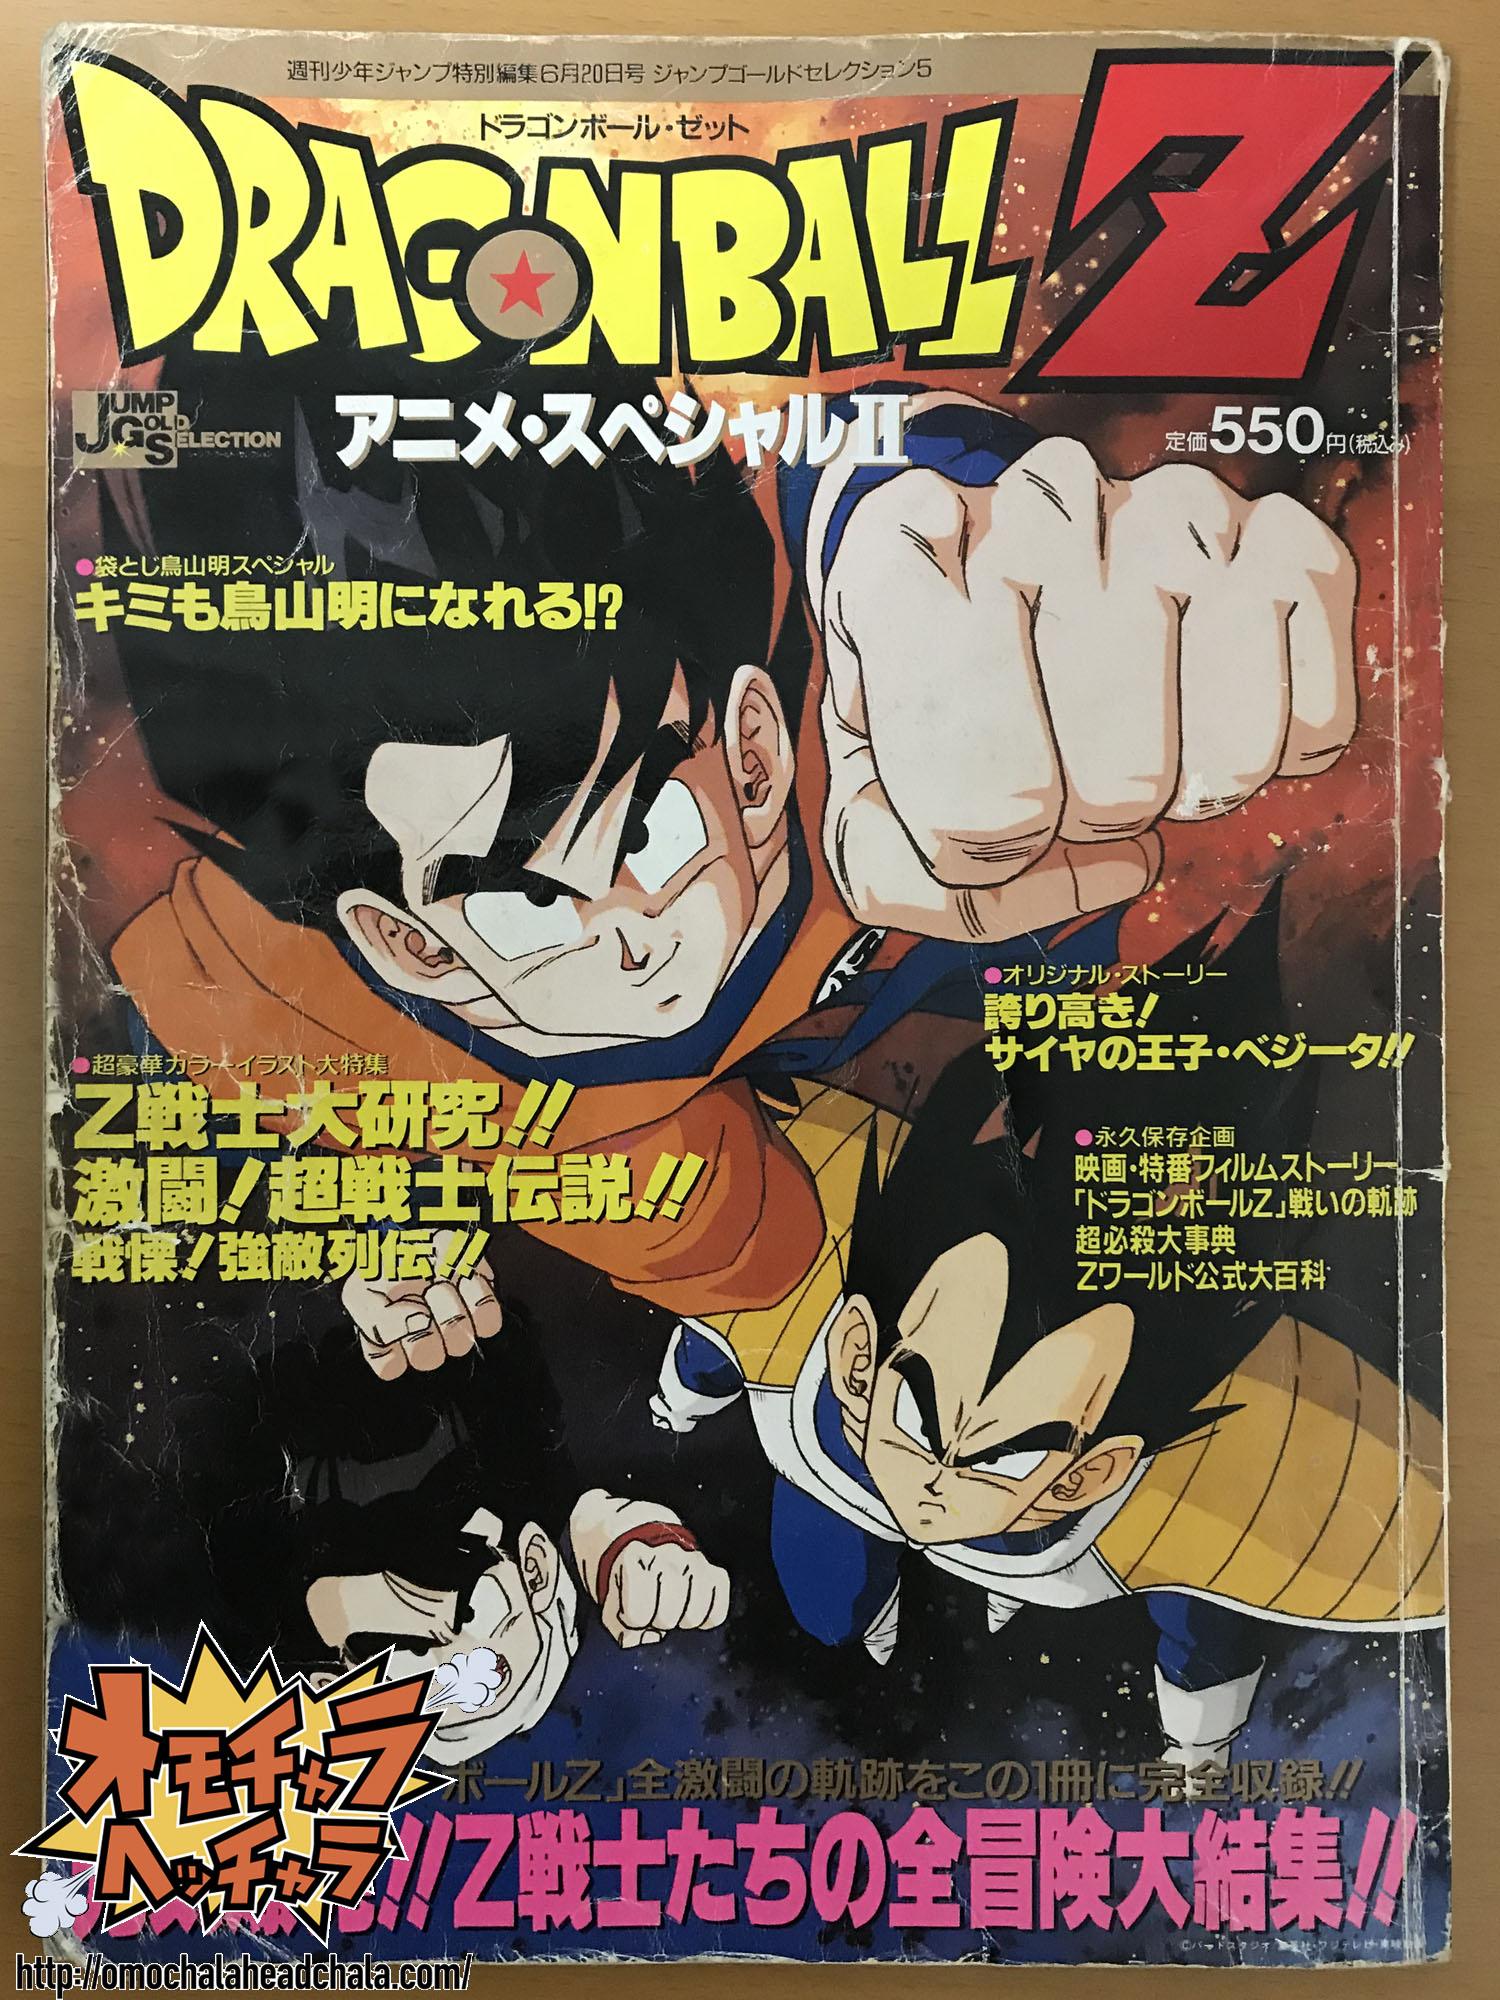 ドラゴンボールZ アニメスペシャルⅡの「とびっきりの最強対最強」情報